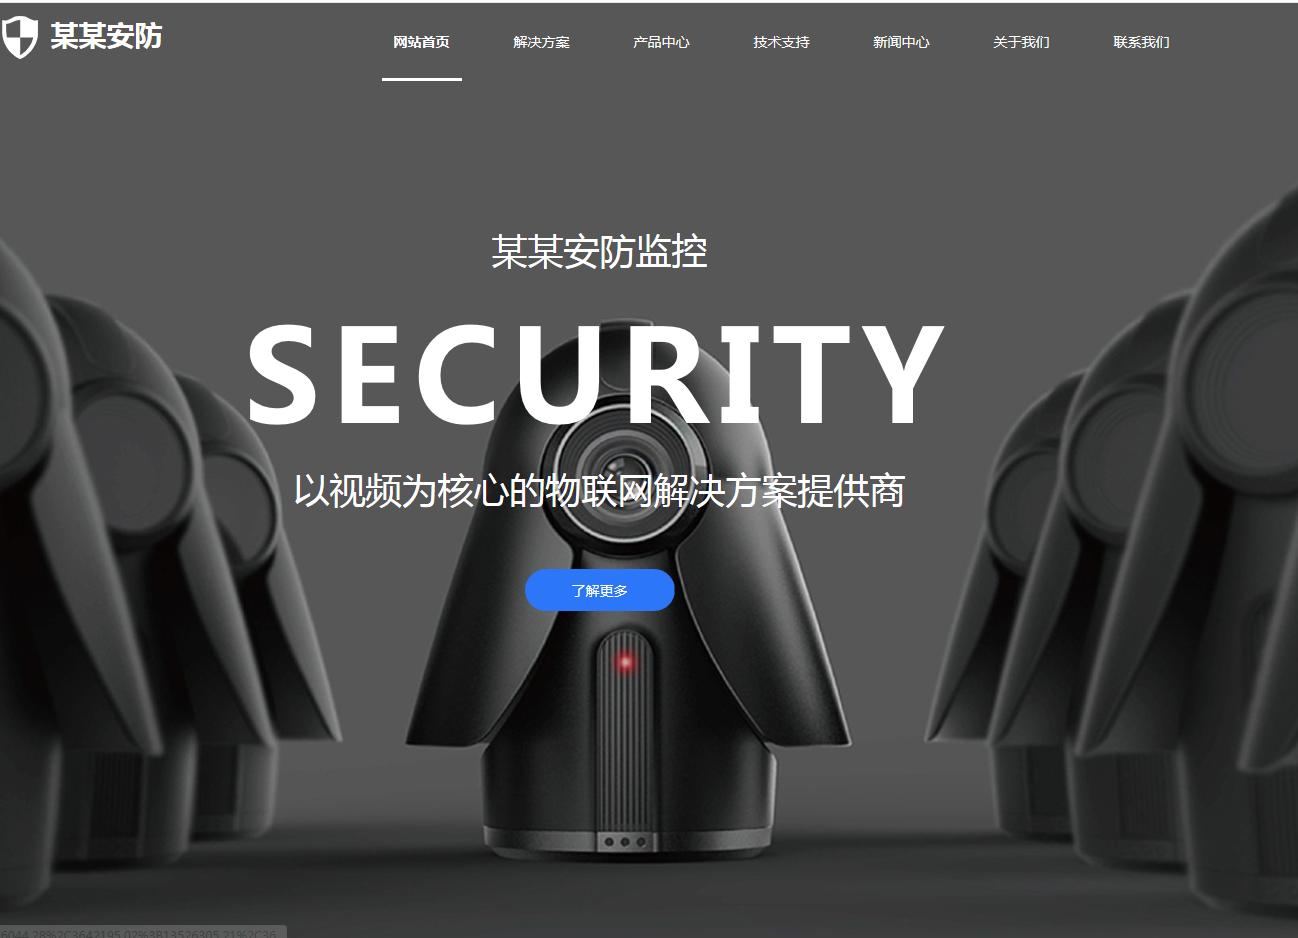 安防监控设备PC+手机模版站